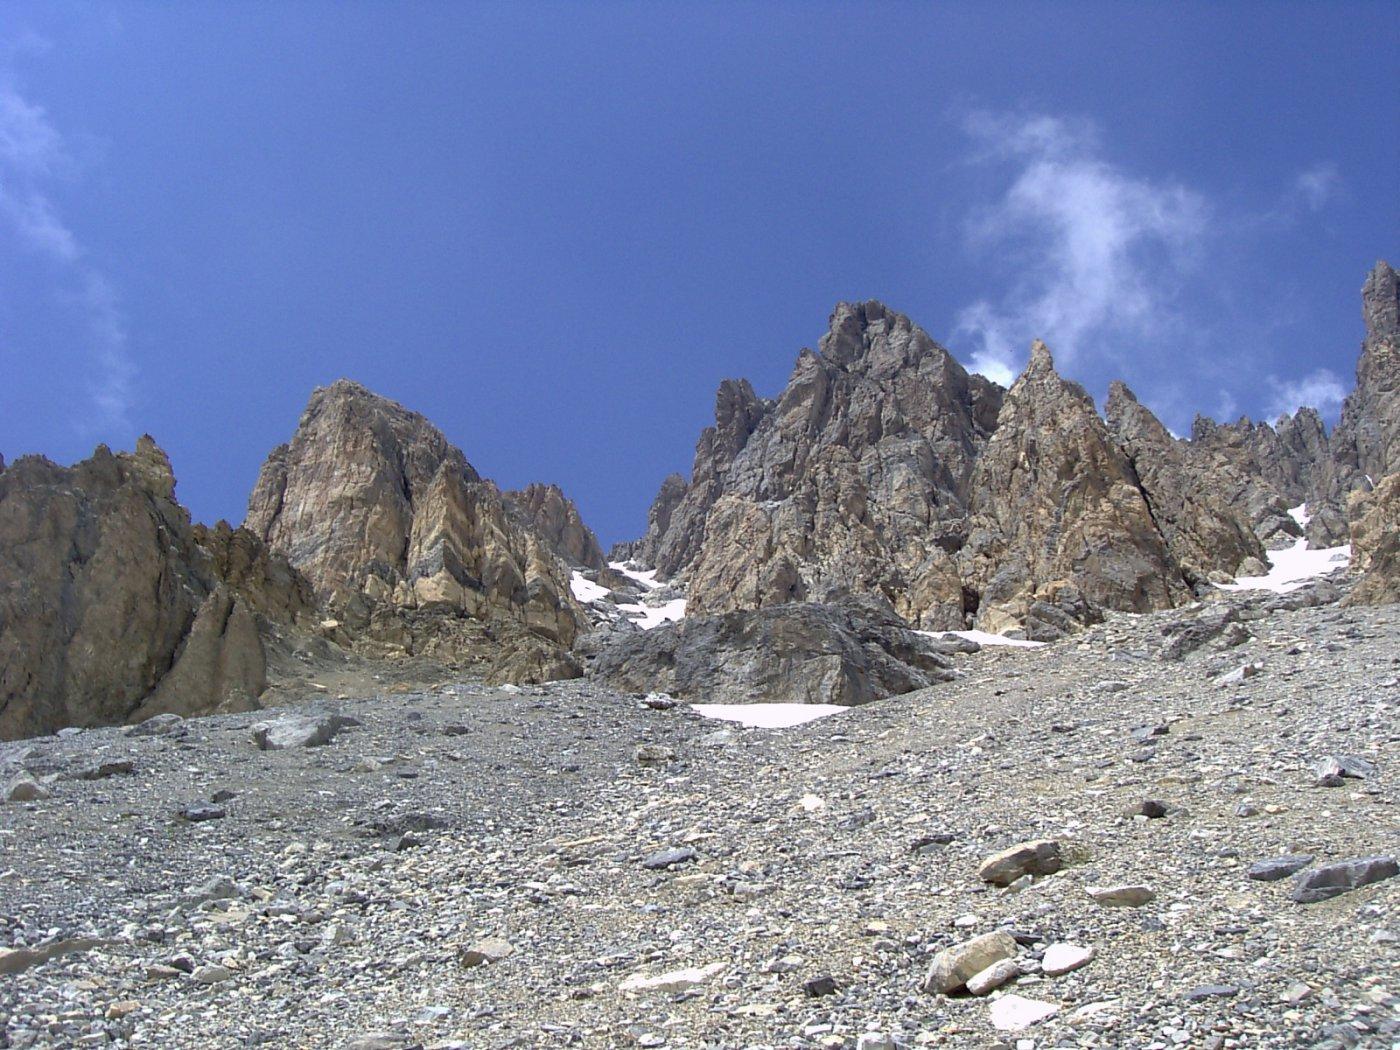 Alla destra del roccione al centro, l'imbocco del canale Sud, che risale lungo i nevai verso sinistra (foto A. Valfrè).